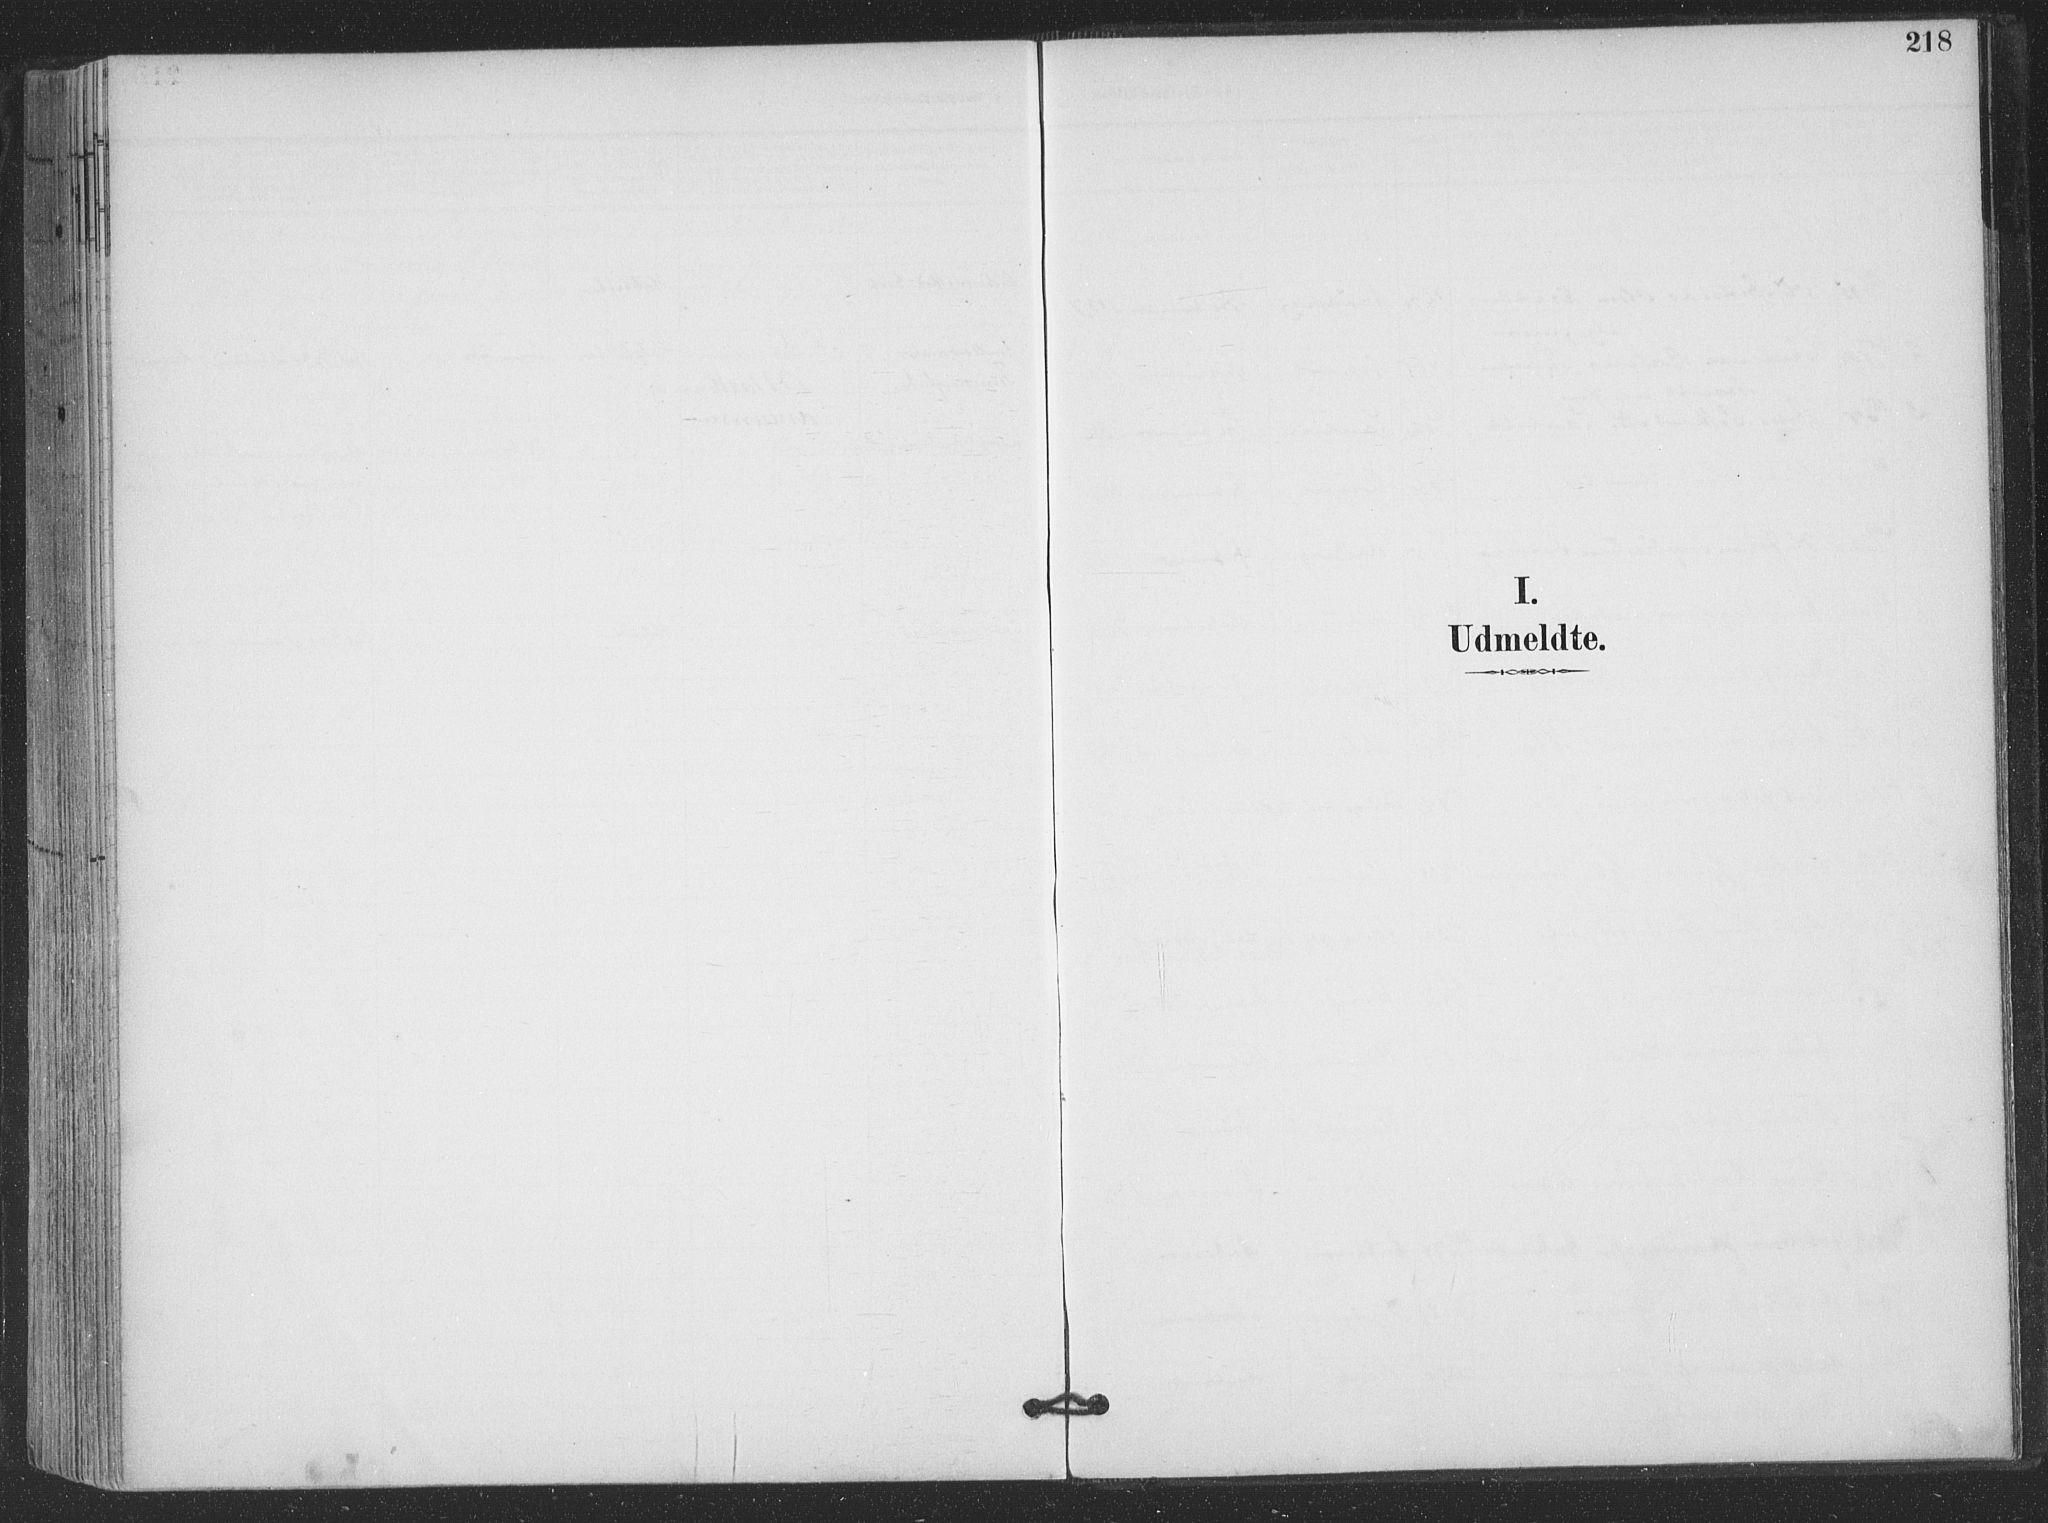 SAT, Ministerialprotokoller, klokkerbøker og fødselsregistre - Nordland, 866/L0939: Parish register (official) no. 866A02, 1894-1906, p. 218